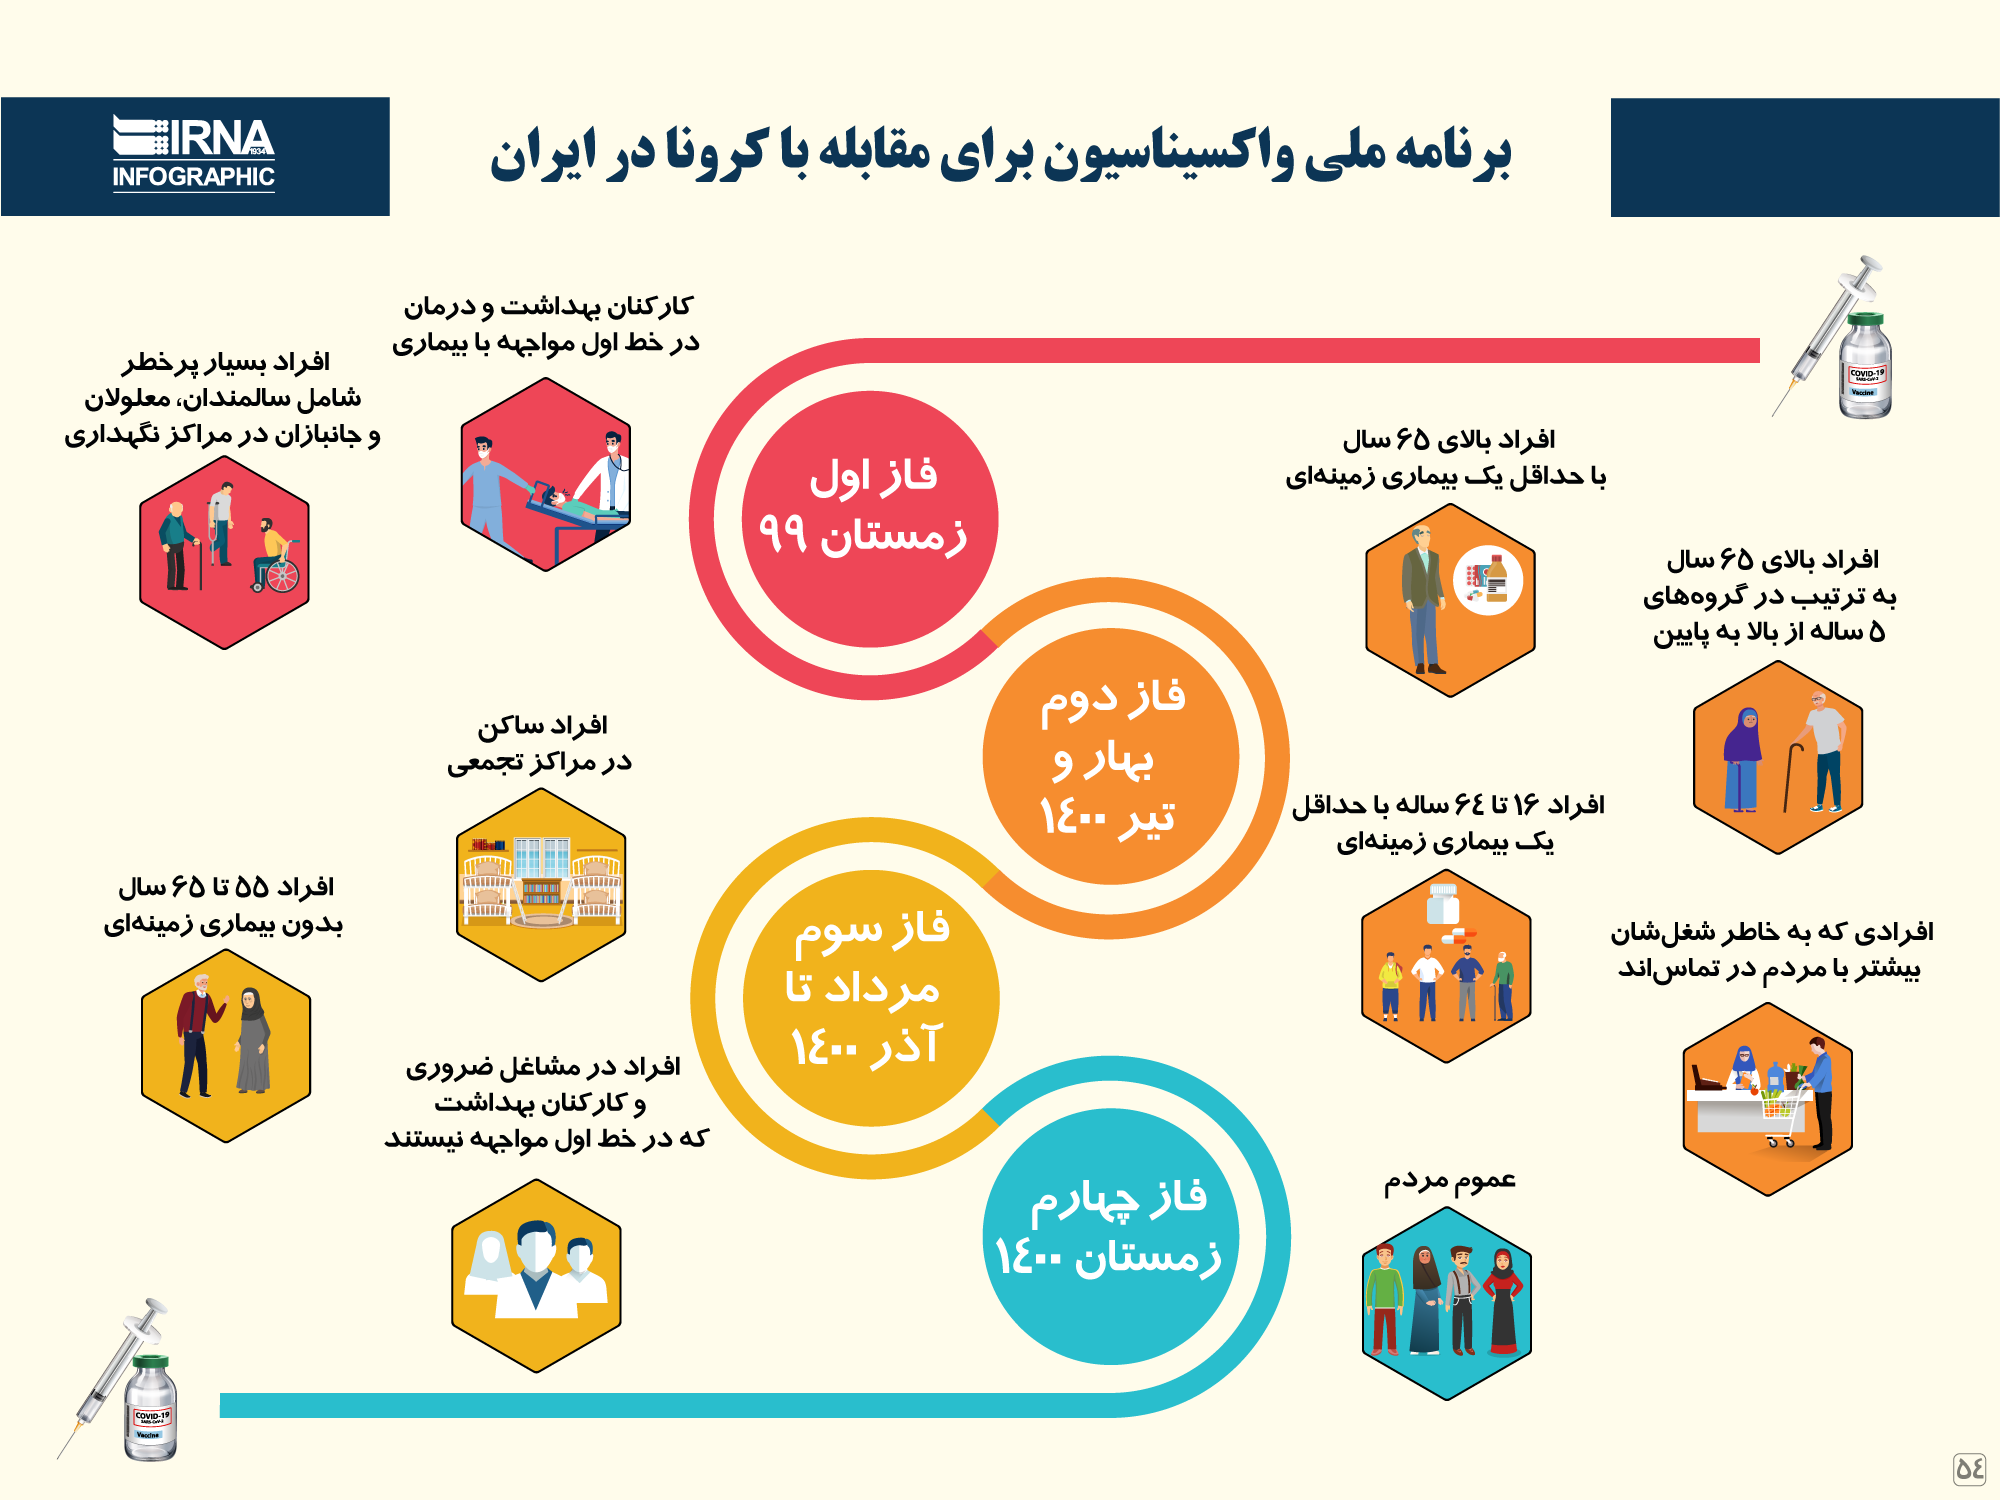 اعتراض نایب رئیس شورای شهر تهران به سند ملی واکسیناسیون؟!